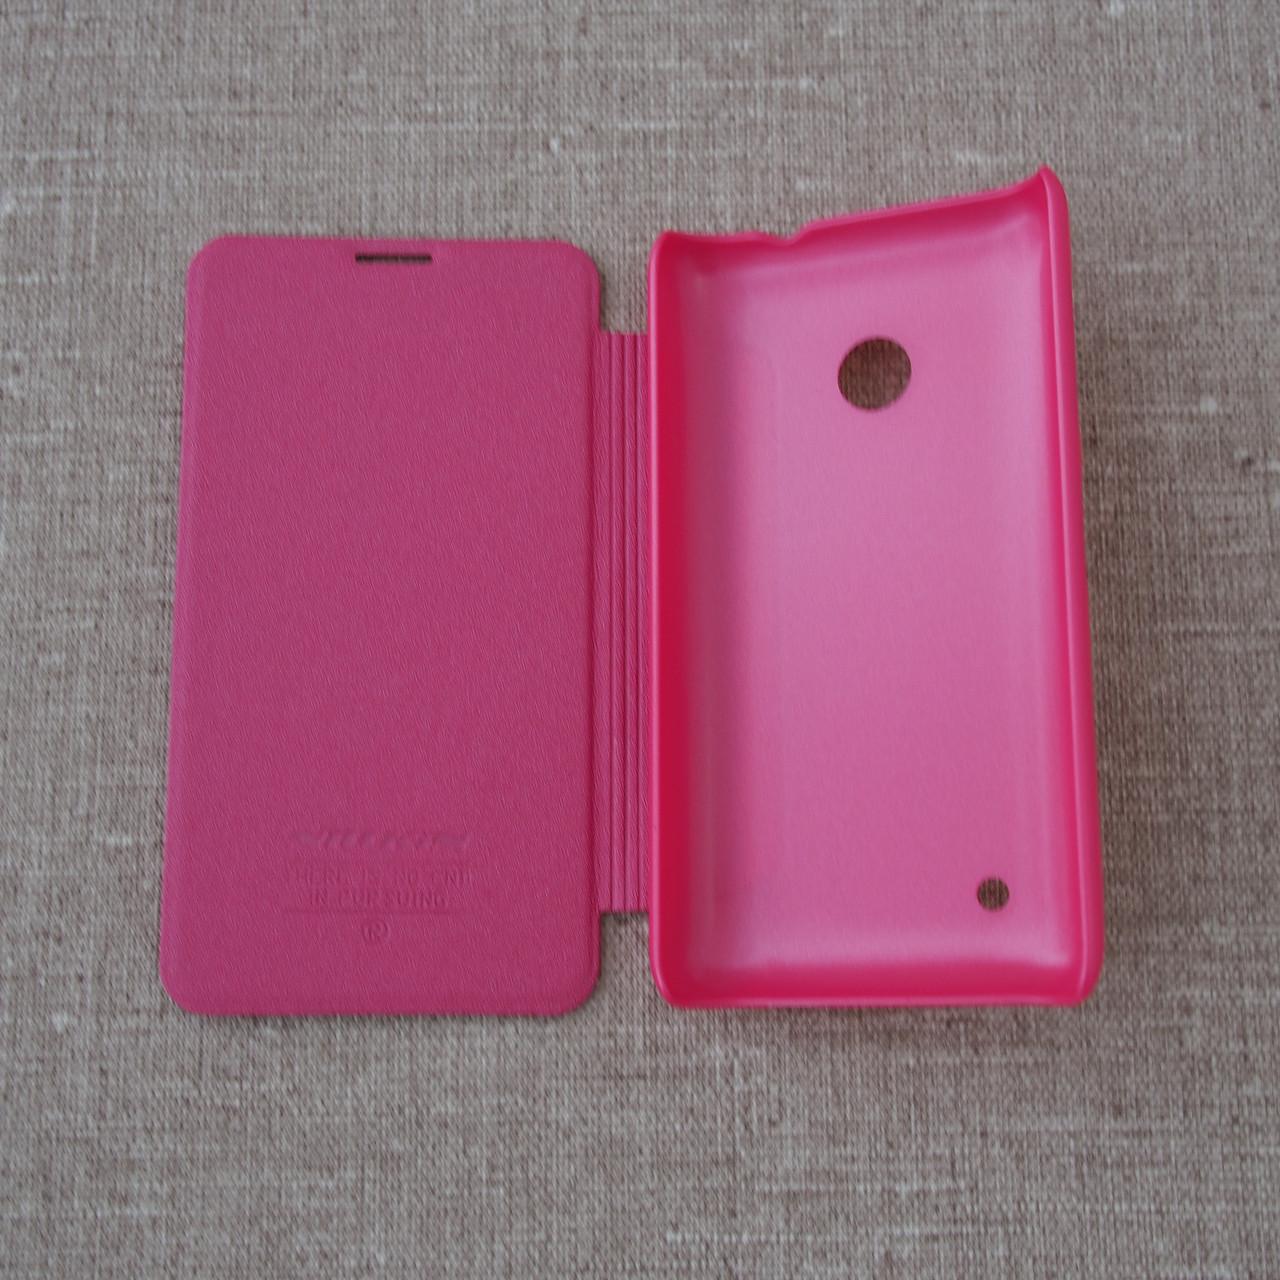 Nillkin Sparkle Nokia Lumia 530 pink